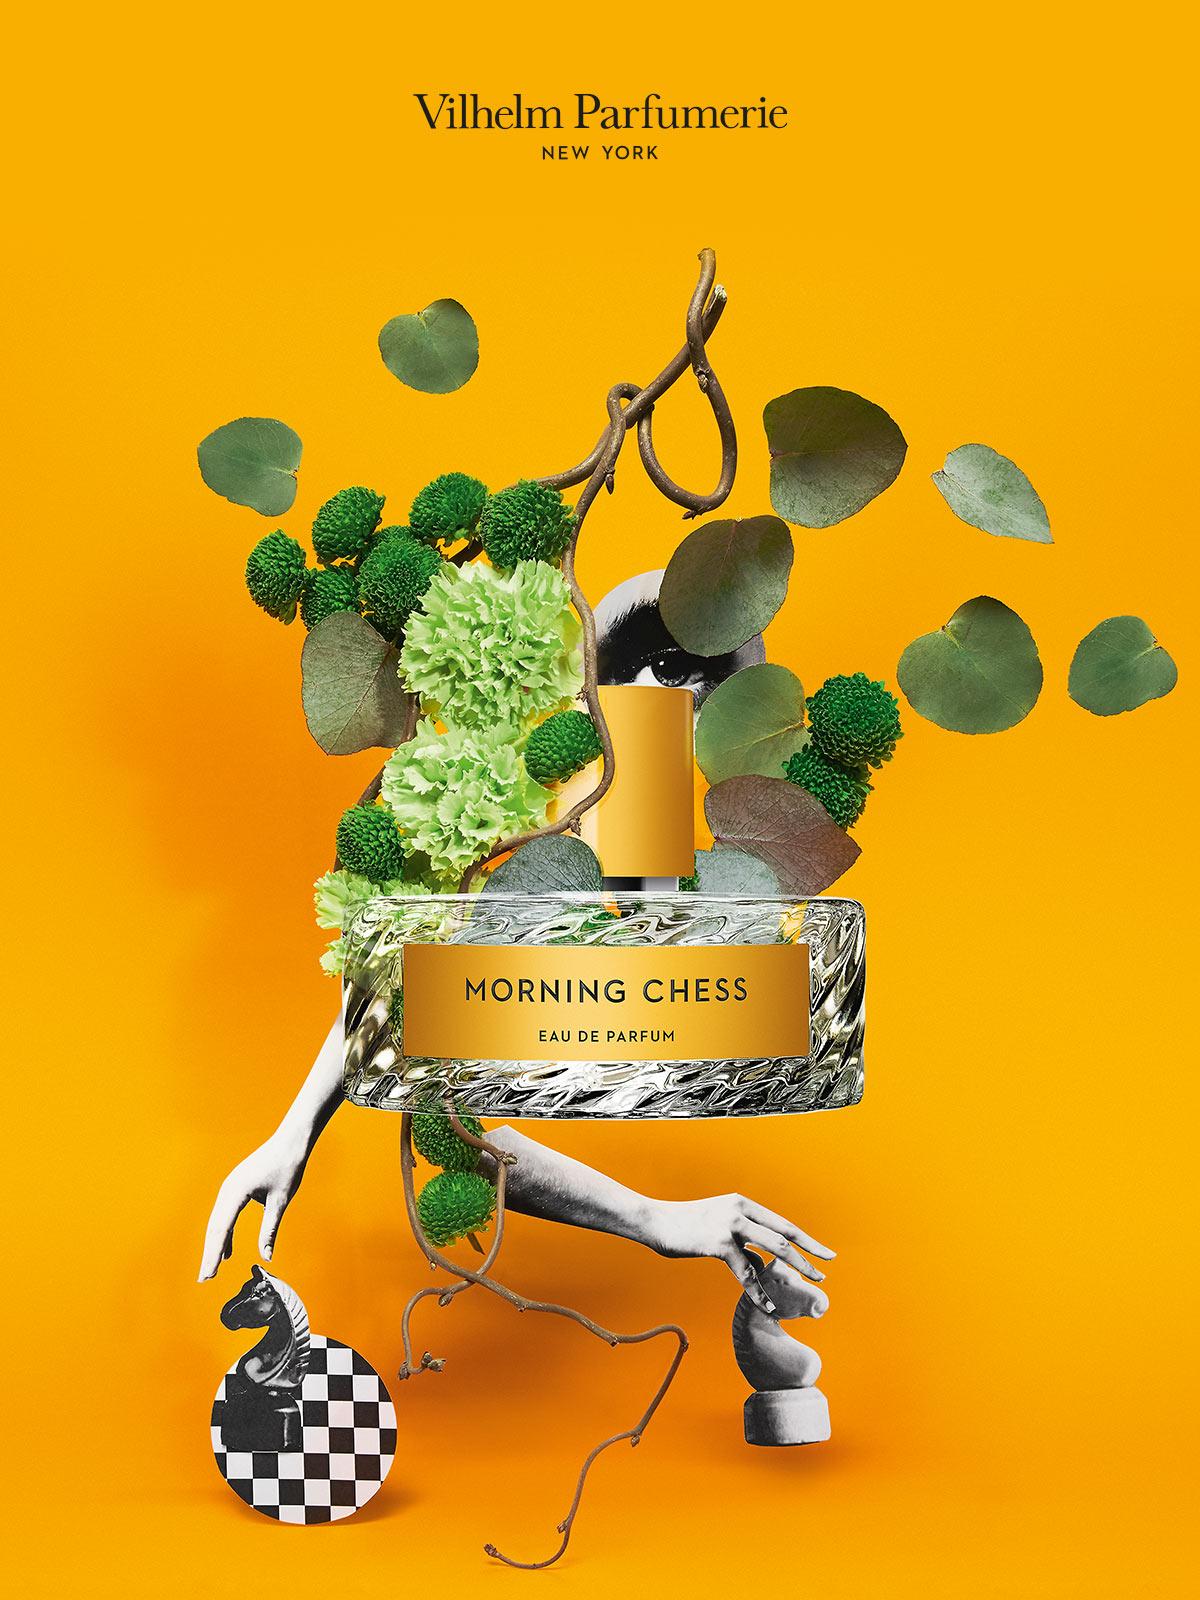 Ein Bild von einem Vilhelm Parfumerie Parfum Produktvisual